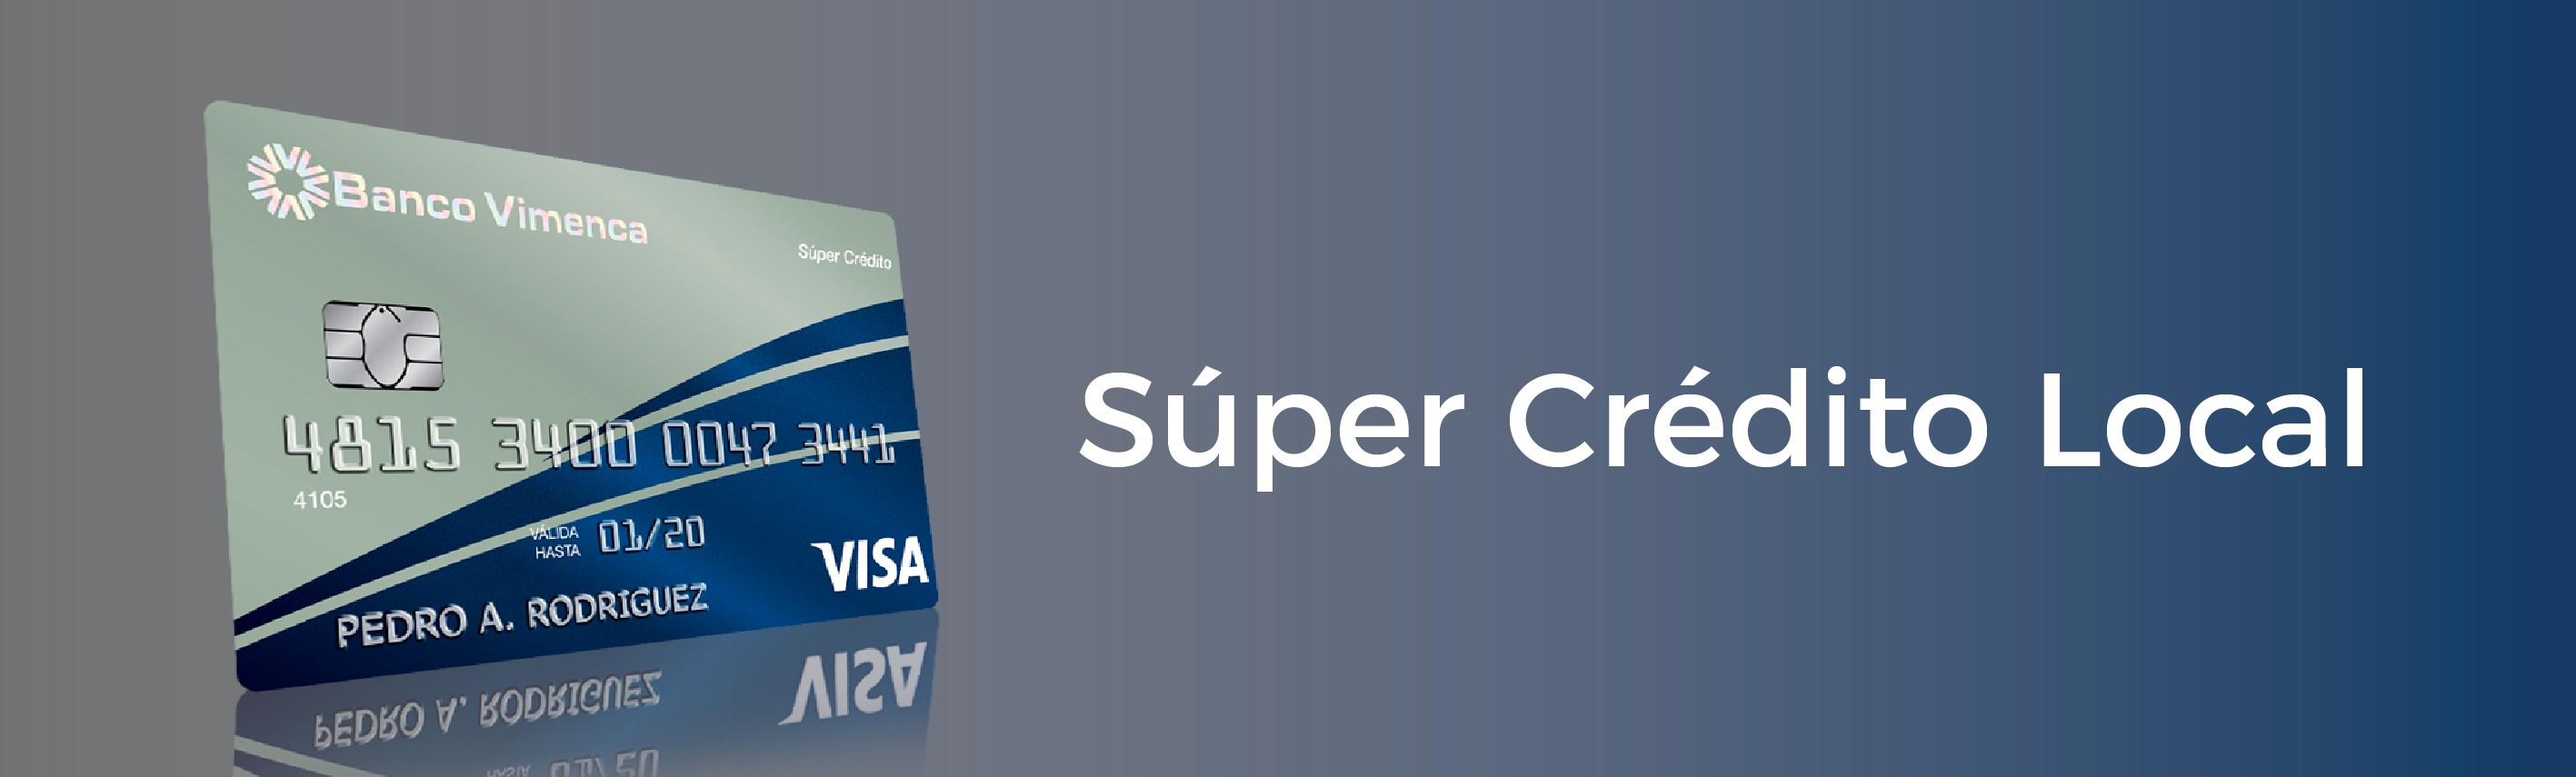 Tarjeta Visa Súper Crédito Local